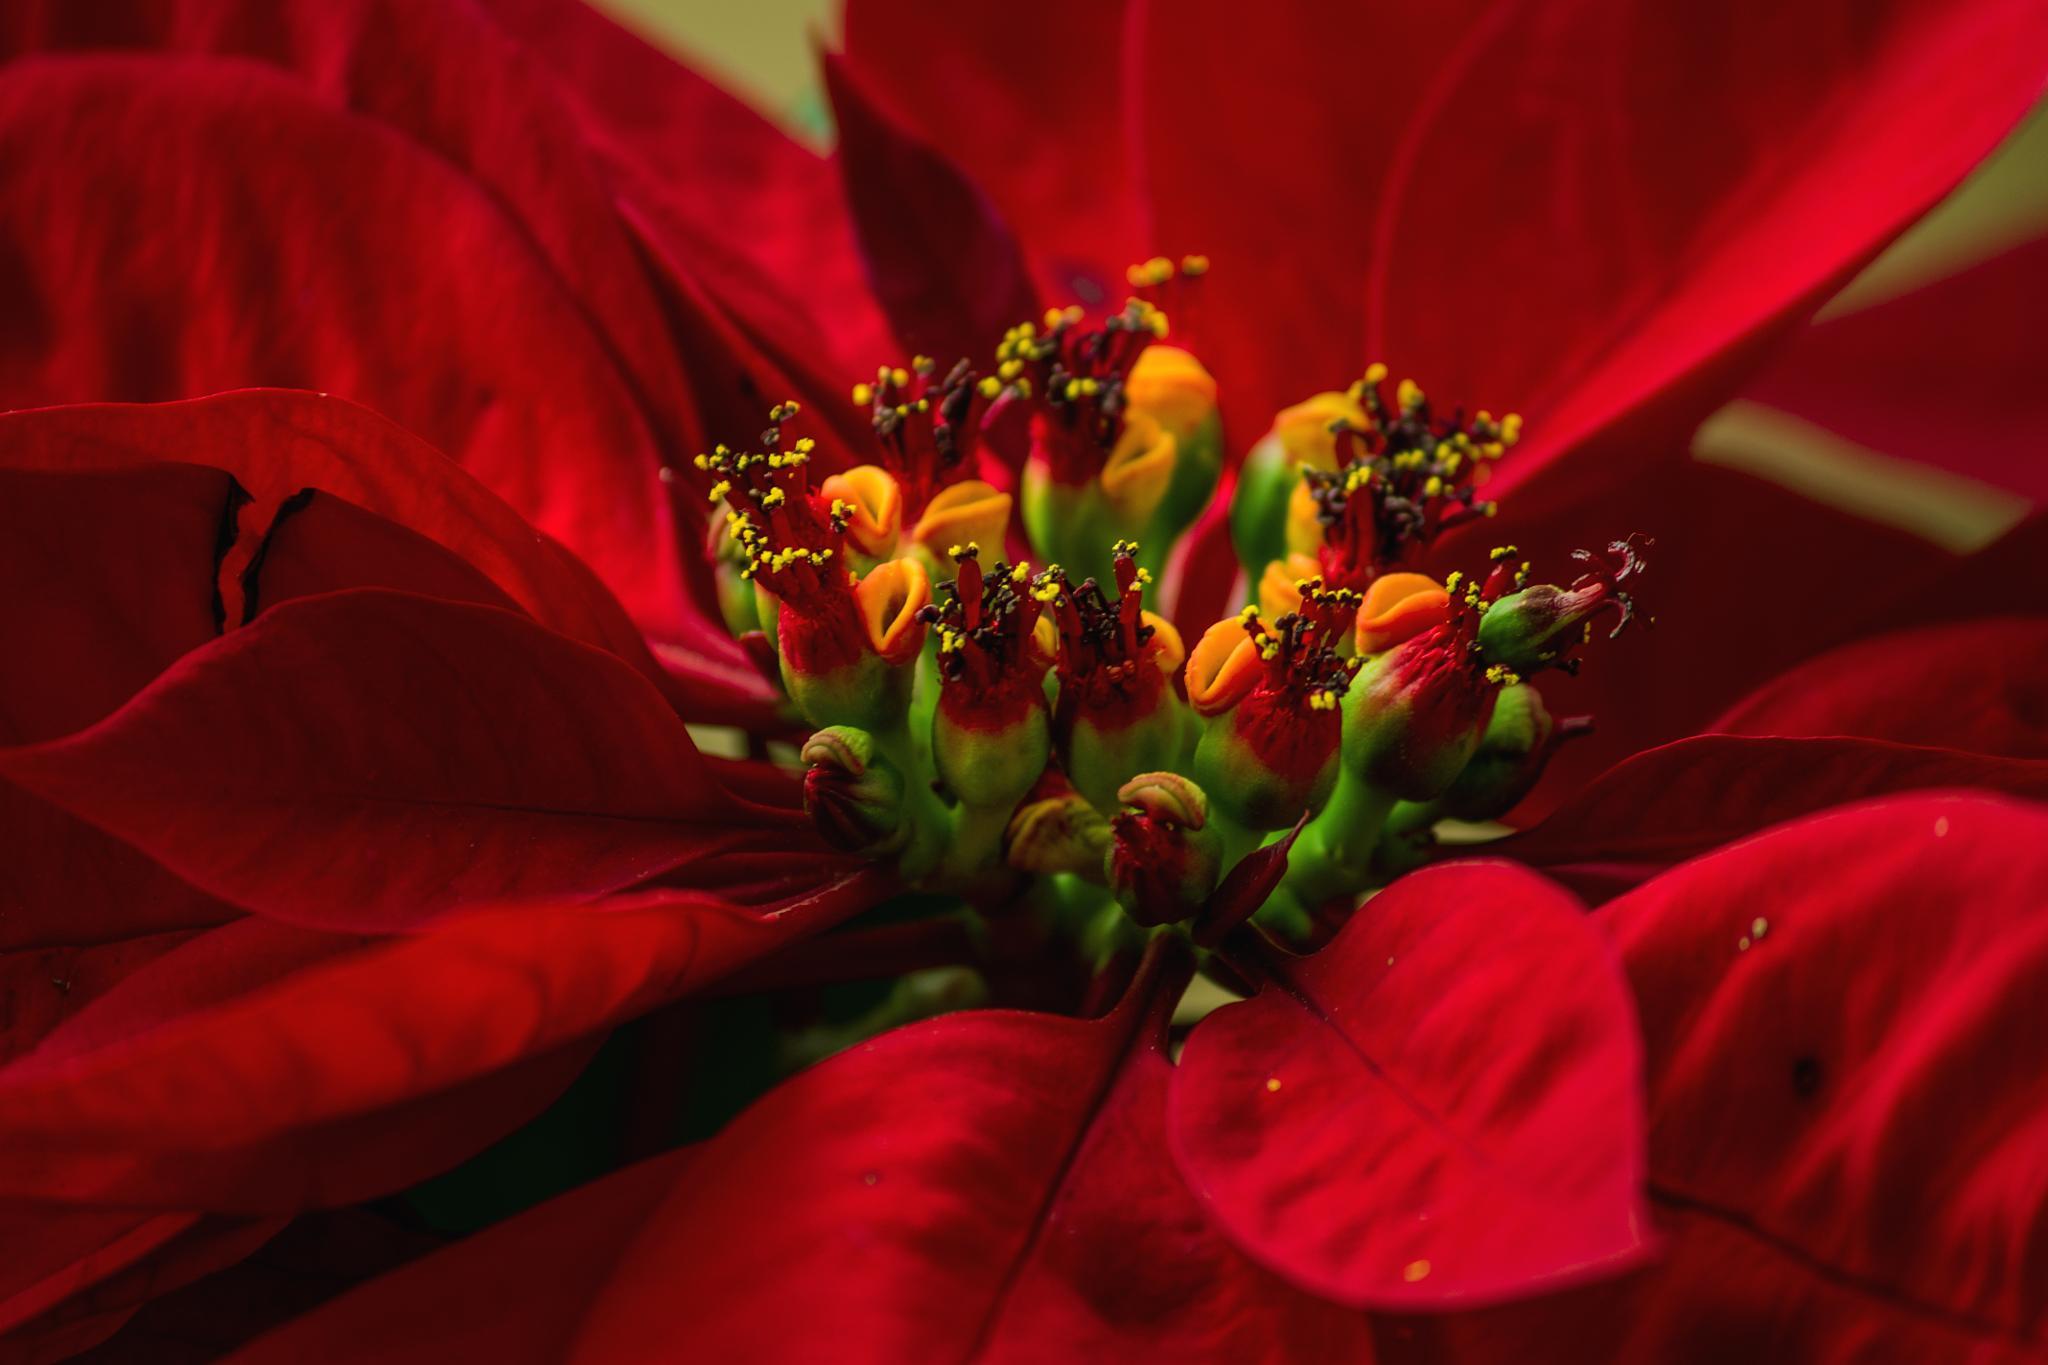 Red Velvette by Abhishek